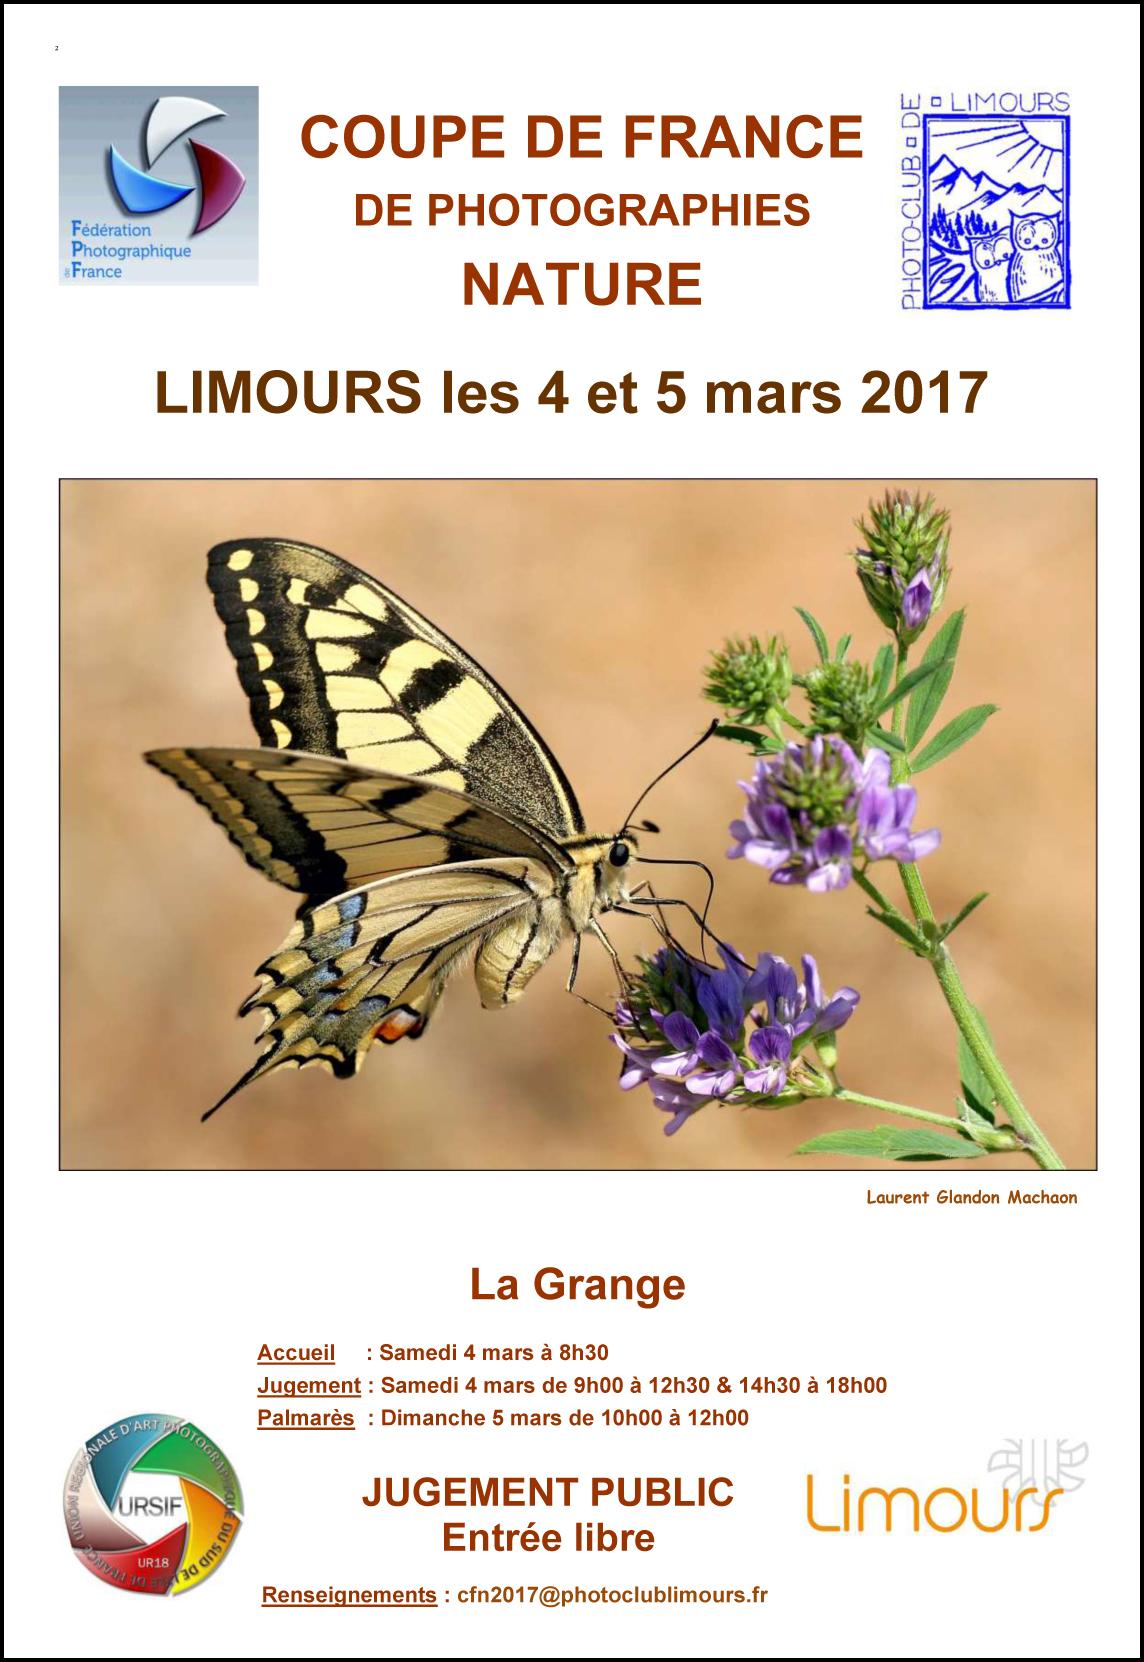 Coupe de France de Photographie Nature les 4 et 5 mars 2017 à Limours